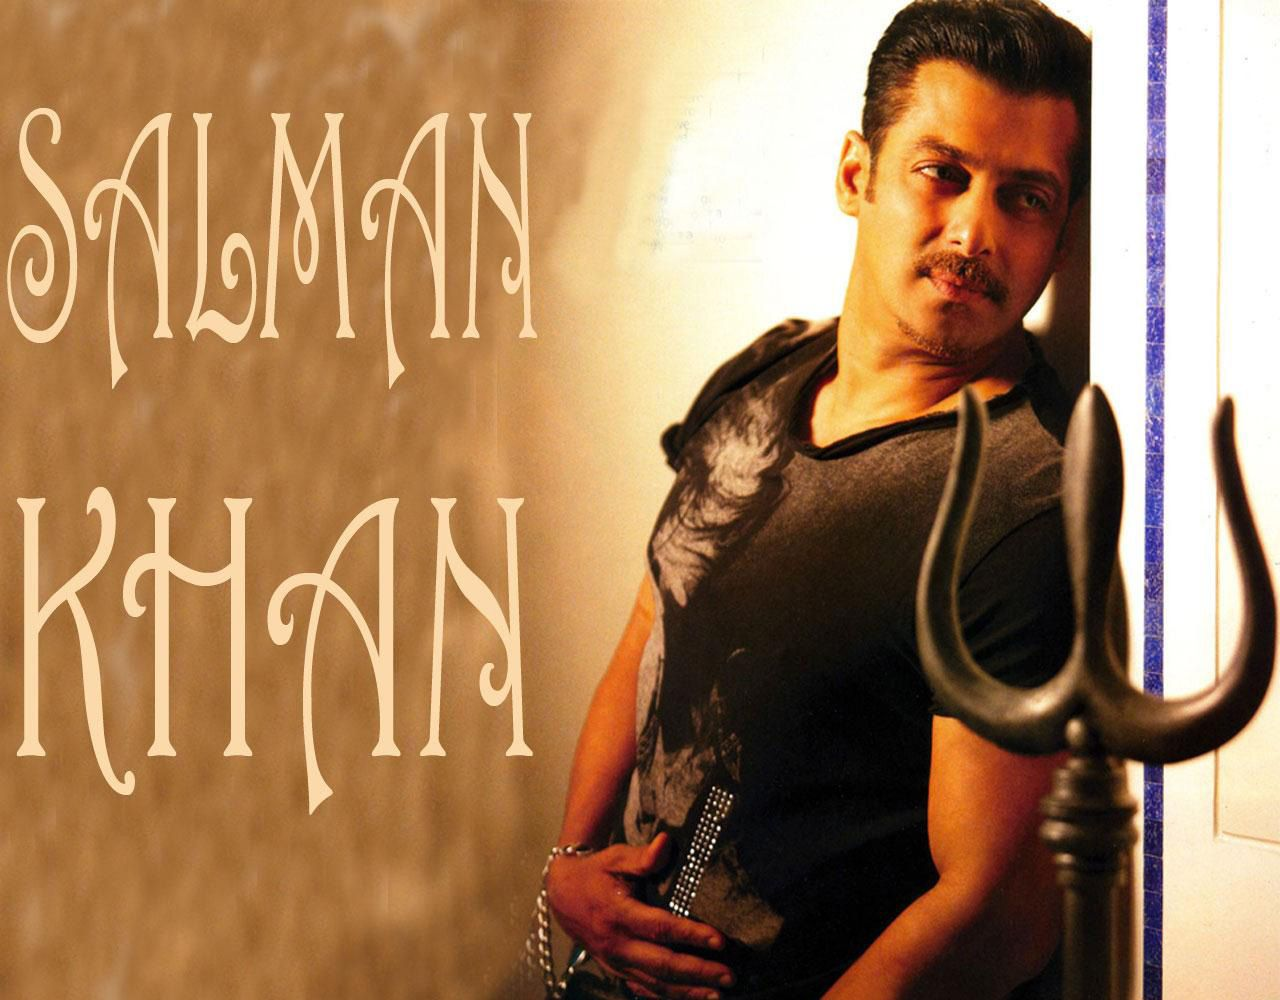 Hd wallpaper salman khan - Download Free Hd Wallpapers Of Salman Khan Download Free Hd